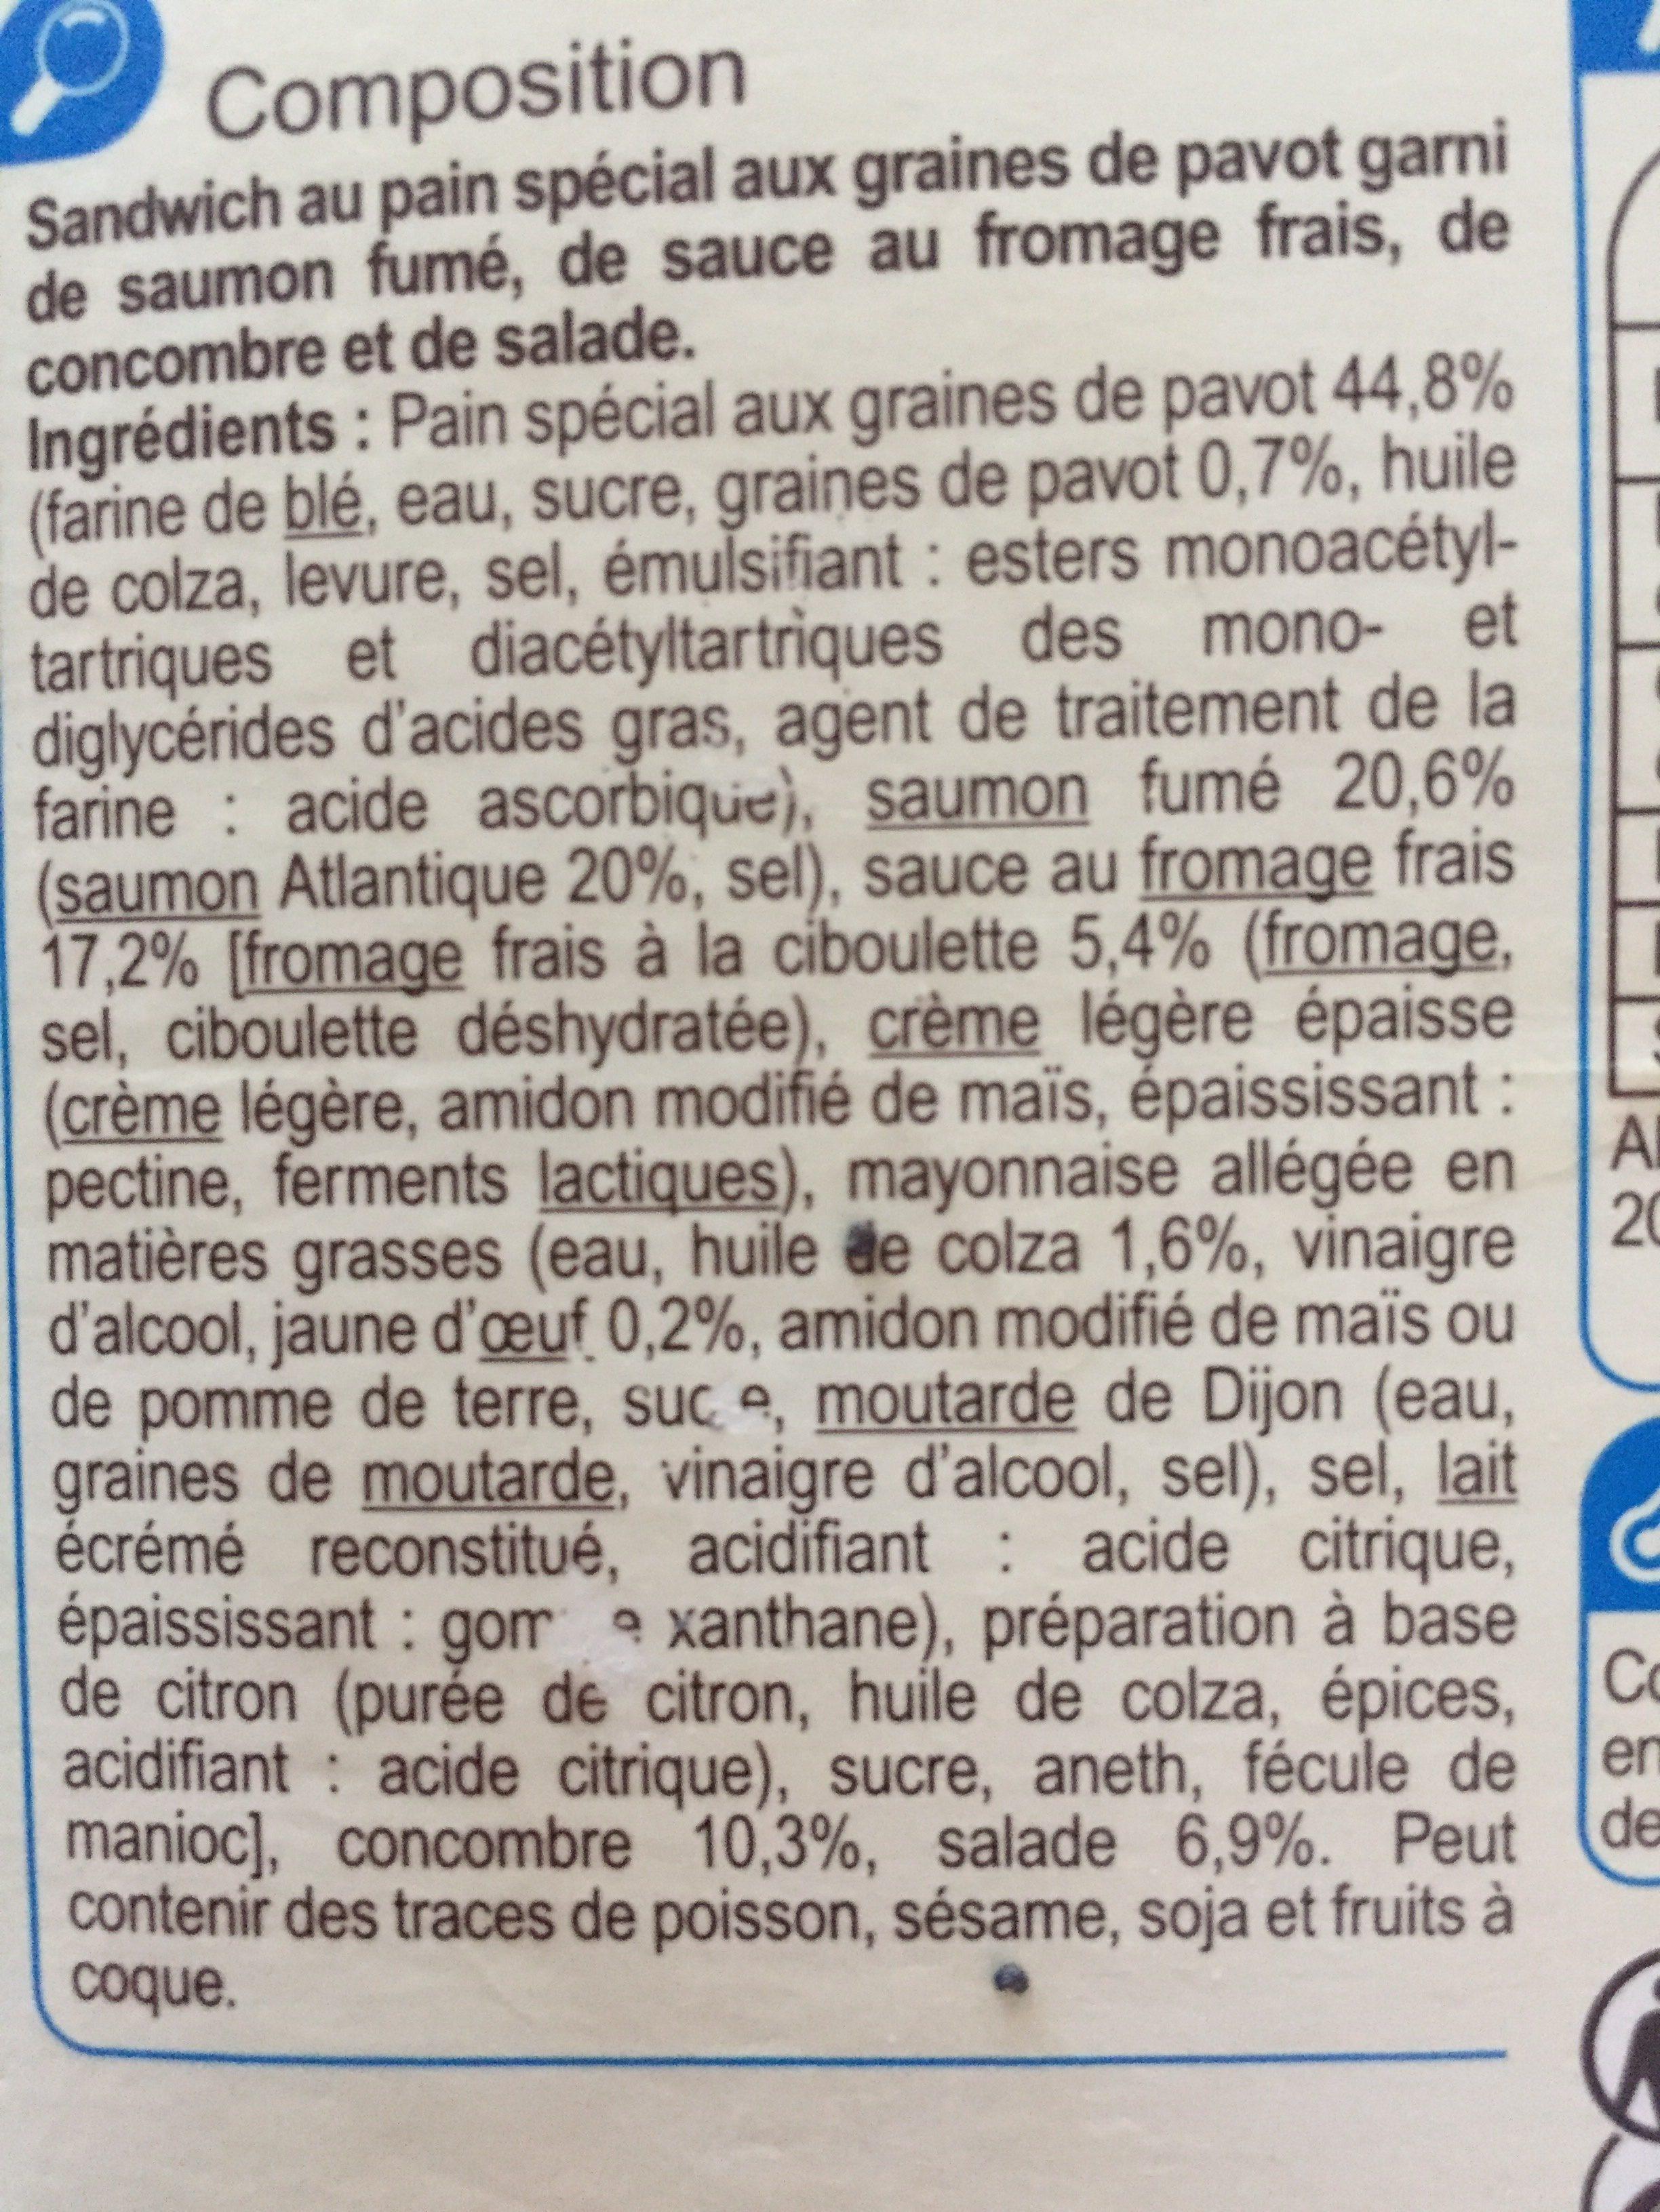 Bagel Saumon Fumé - Ingrédients